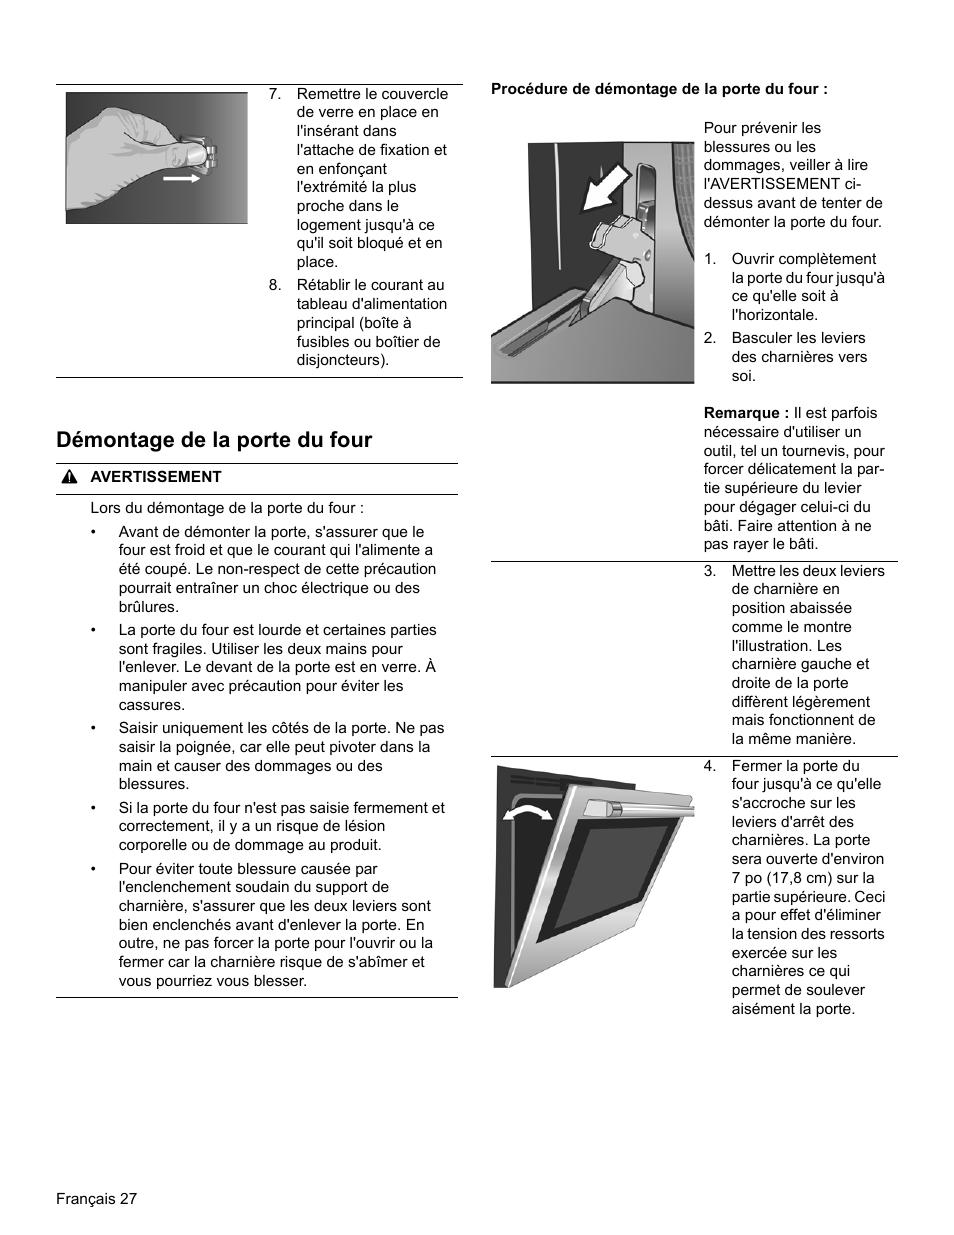 D montage de la porte du four bosch hblp751uc manuel d - Demontage porte four whirlpool ...